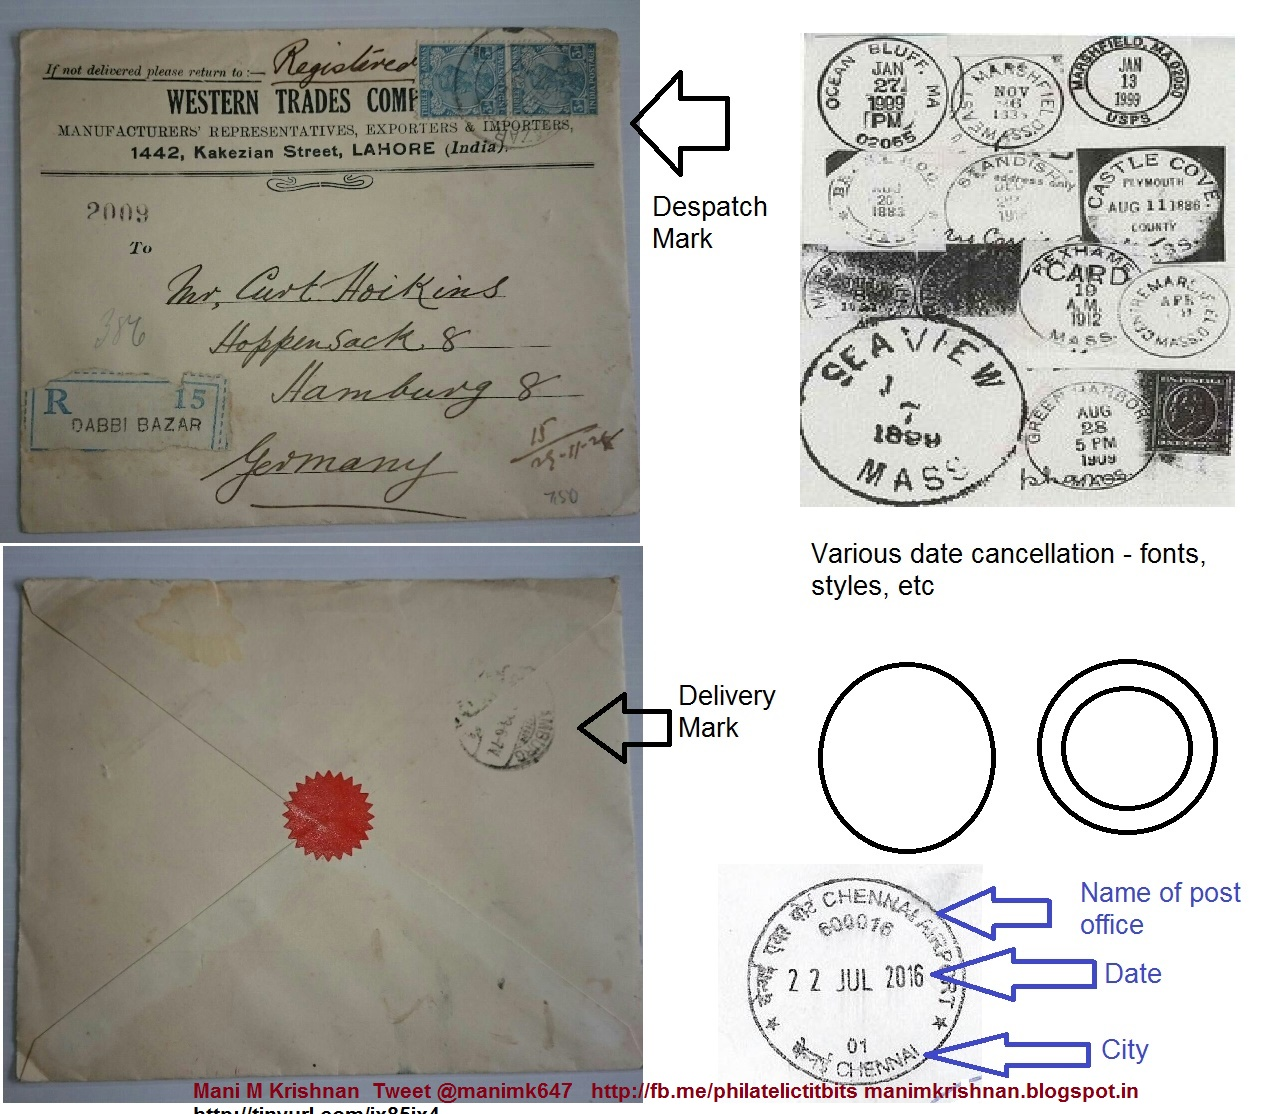 Postmark date